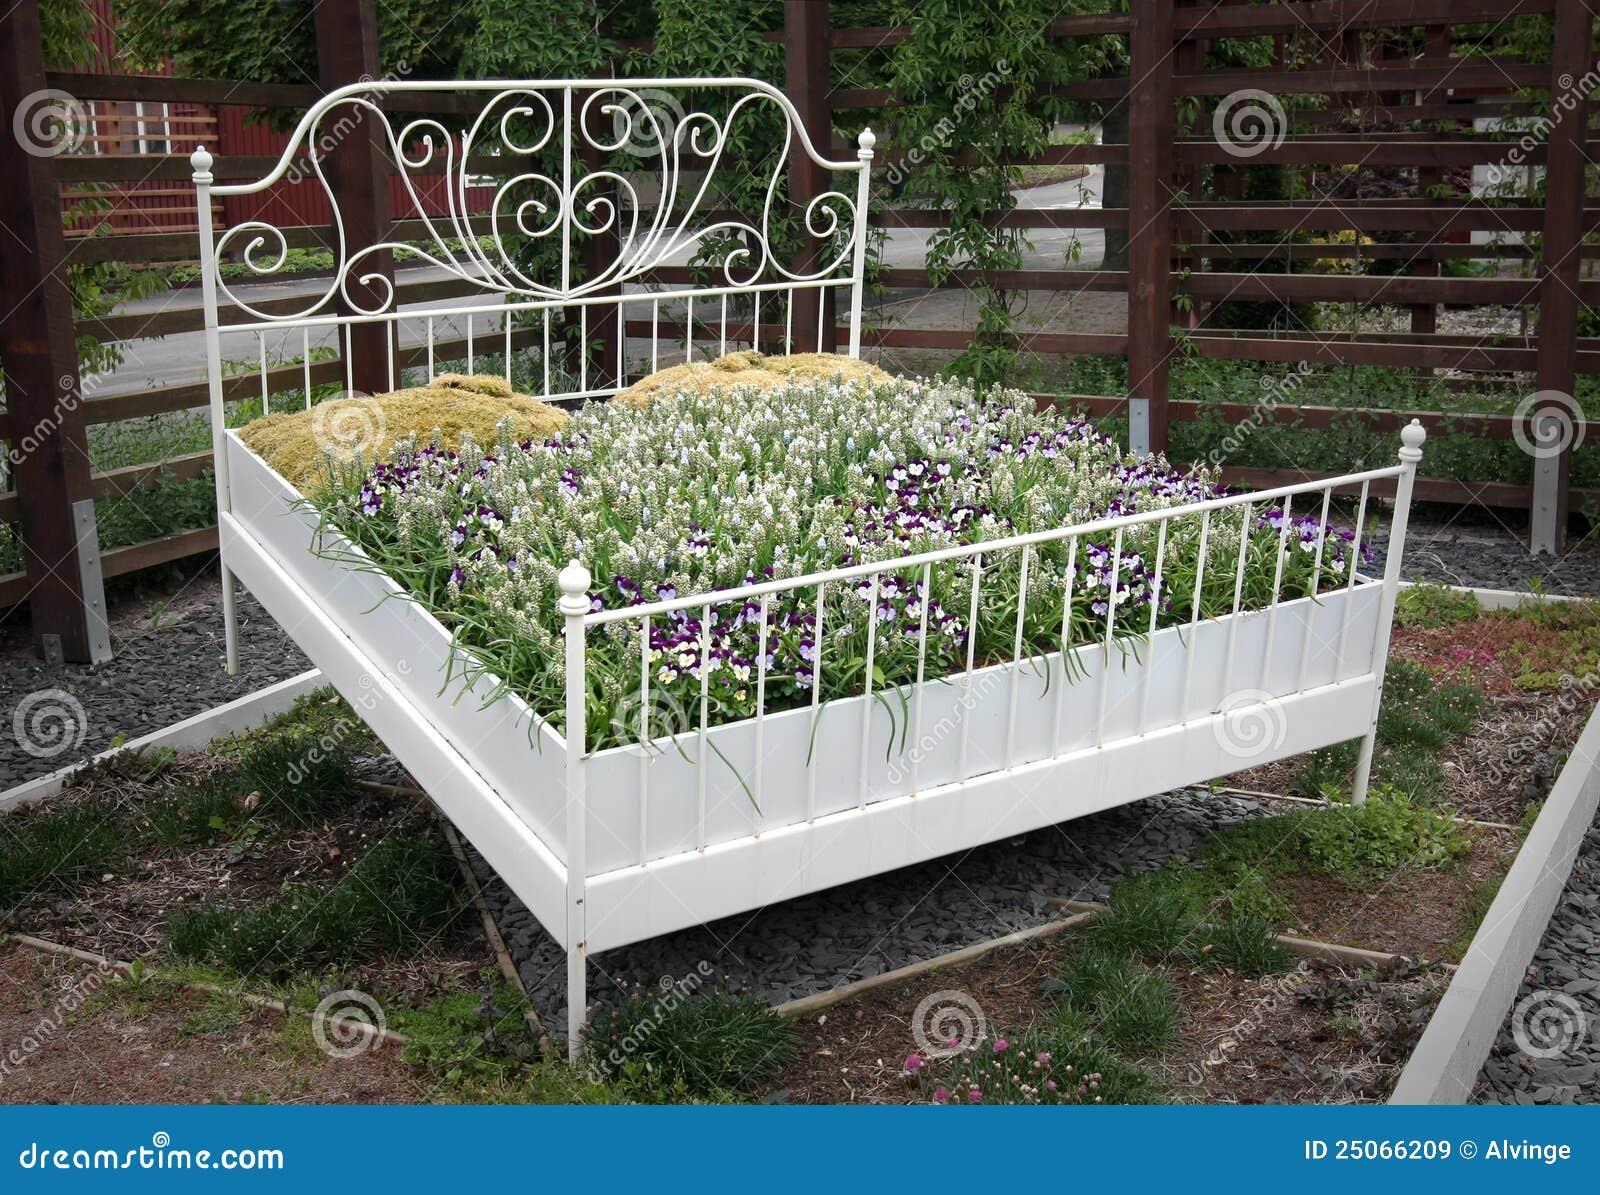 不同, 梦想, 异乎寻常, 植物群, 花卉, 花, 花圃, 框架, 家具, 庭院图片